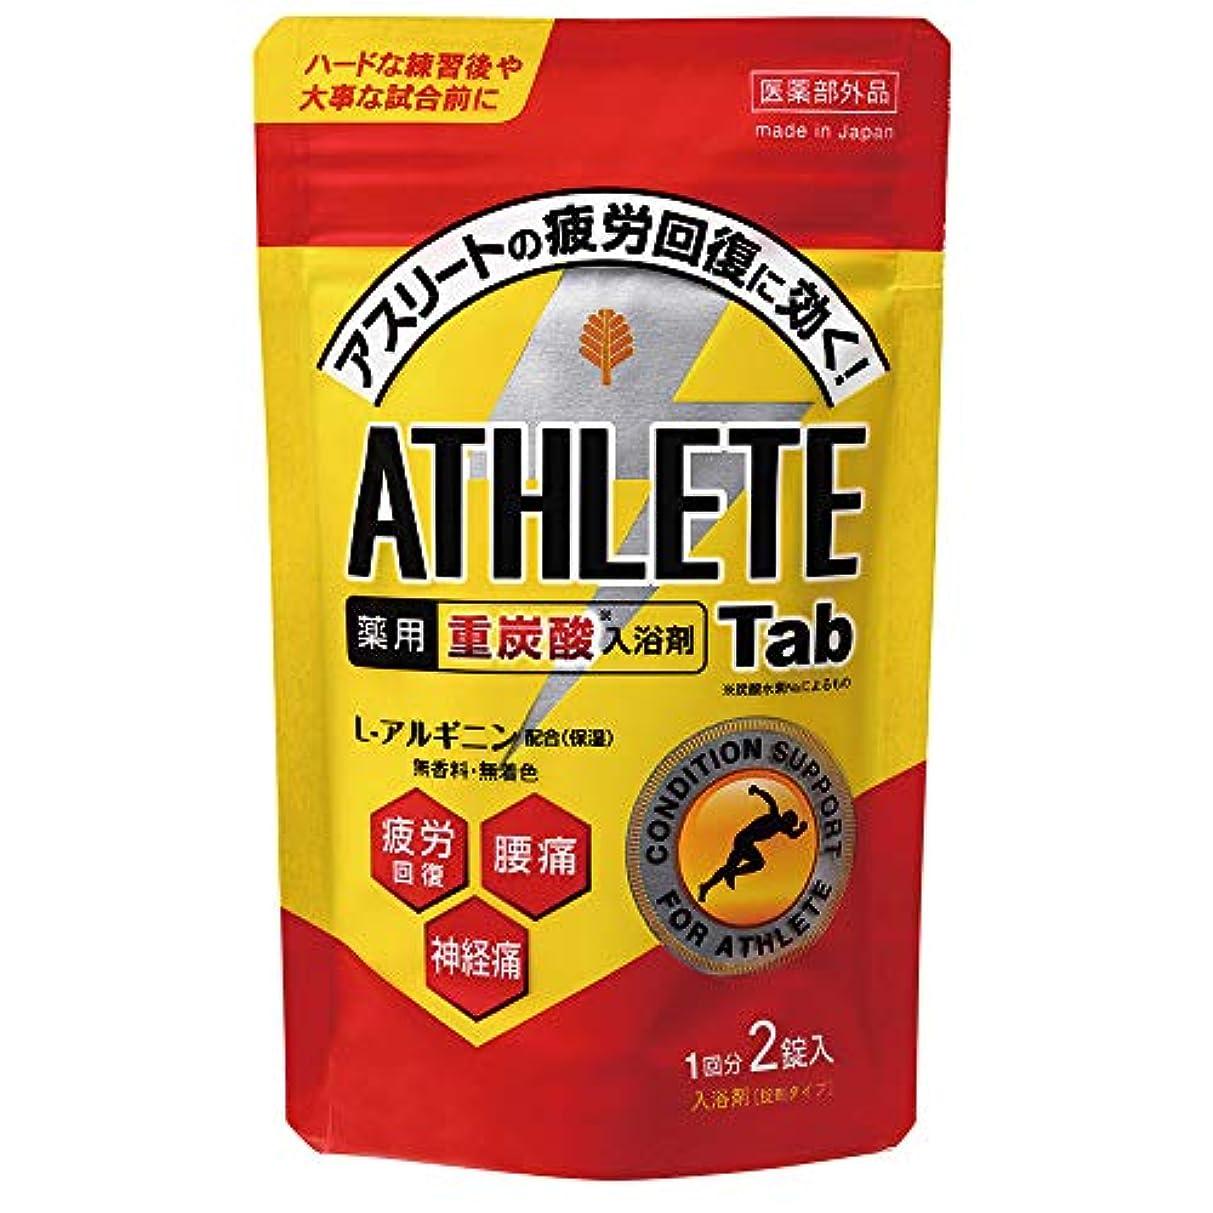 柔らかさ打ち上げる降雨日本製 made in japan 薬用 ATHLETE Tab2錠x1パック BT-8572 【まとめ買い12個セット】